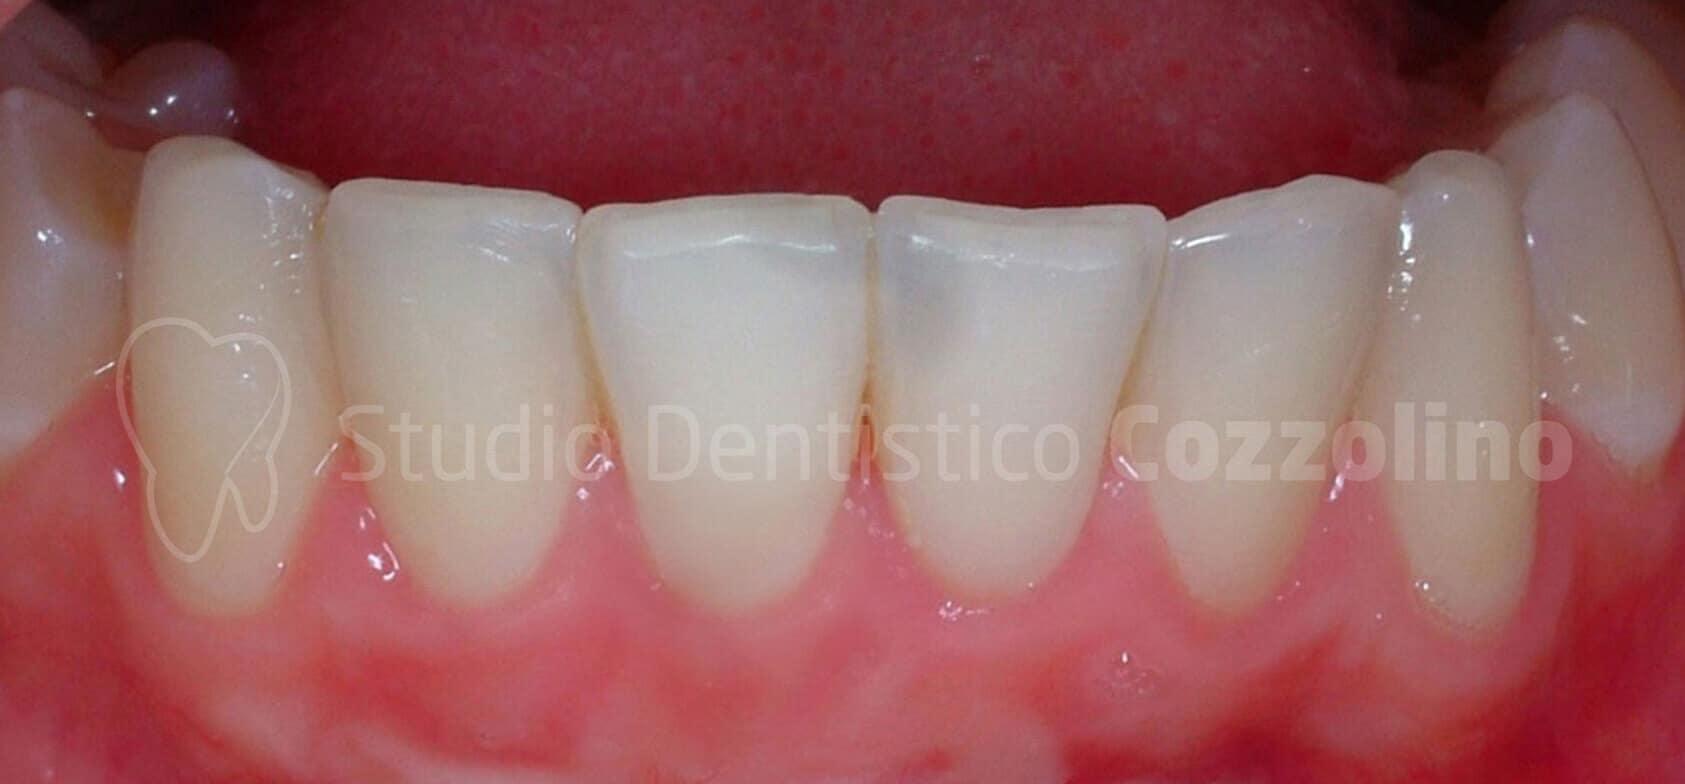 Recessione Gengiva Chirurgia Dopo Parodontite